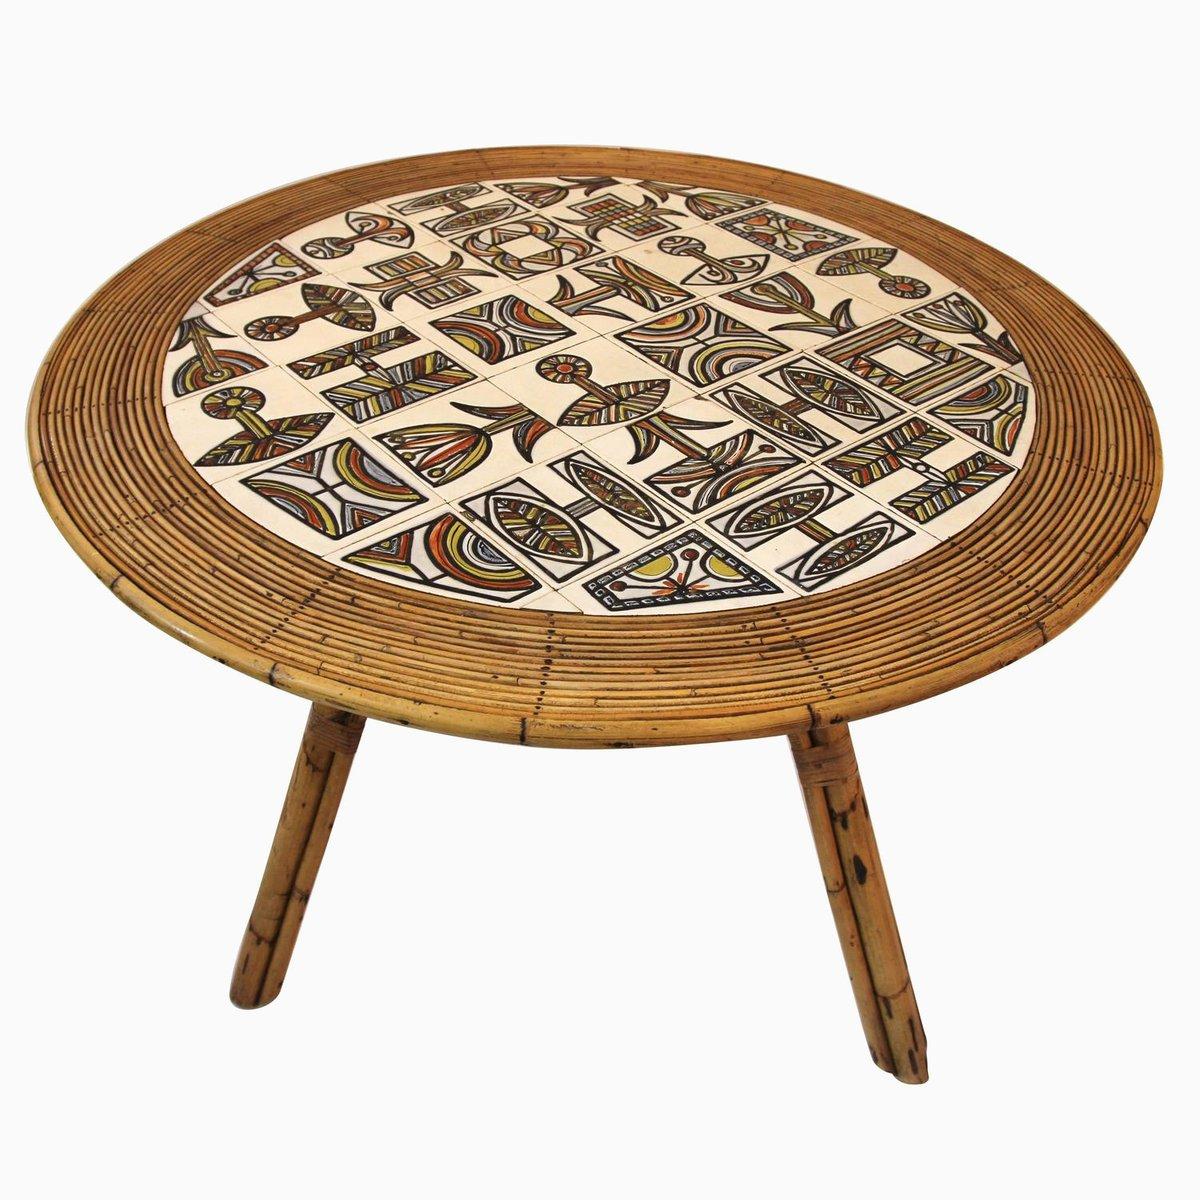 affordable bambus tisch von a audoux f minet mit keramik tischplatte von r capron er with tischplatte